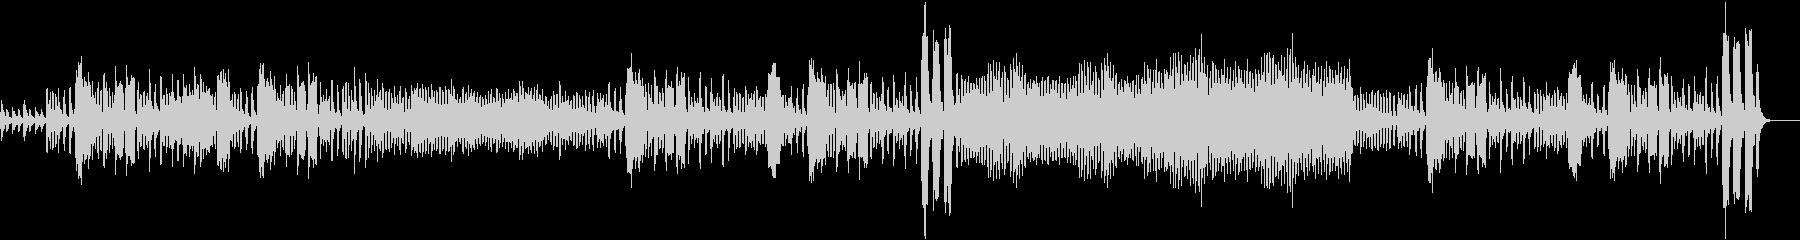 フルートがリズミカルなオーケストラ曲の未再生の波形